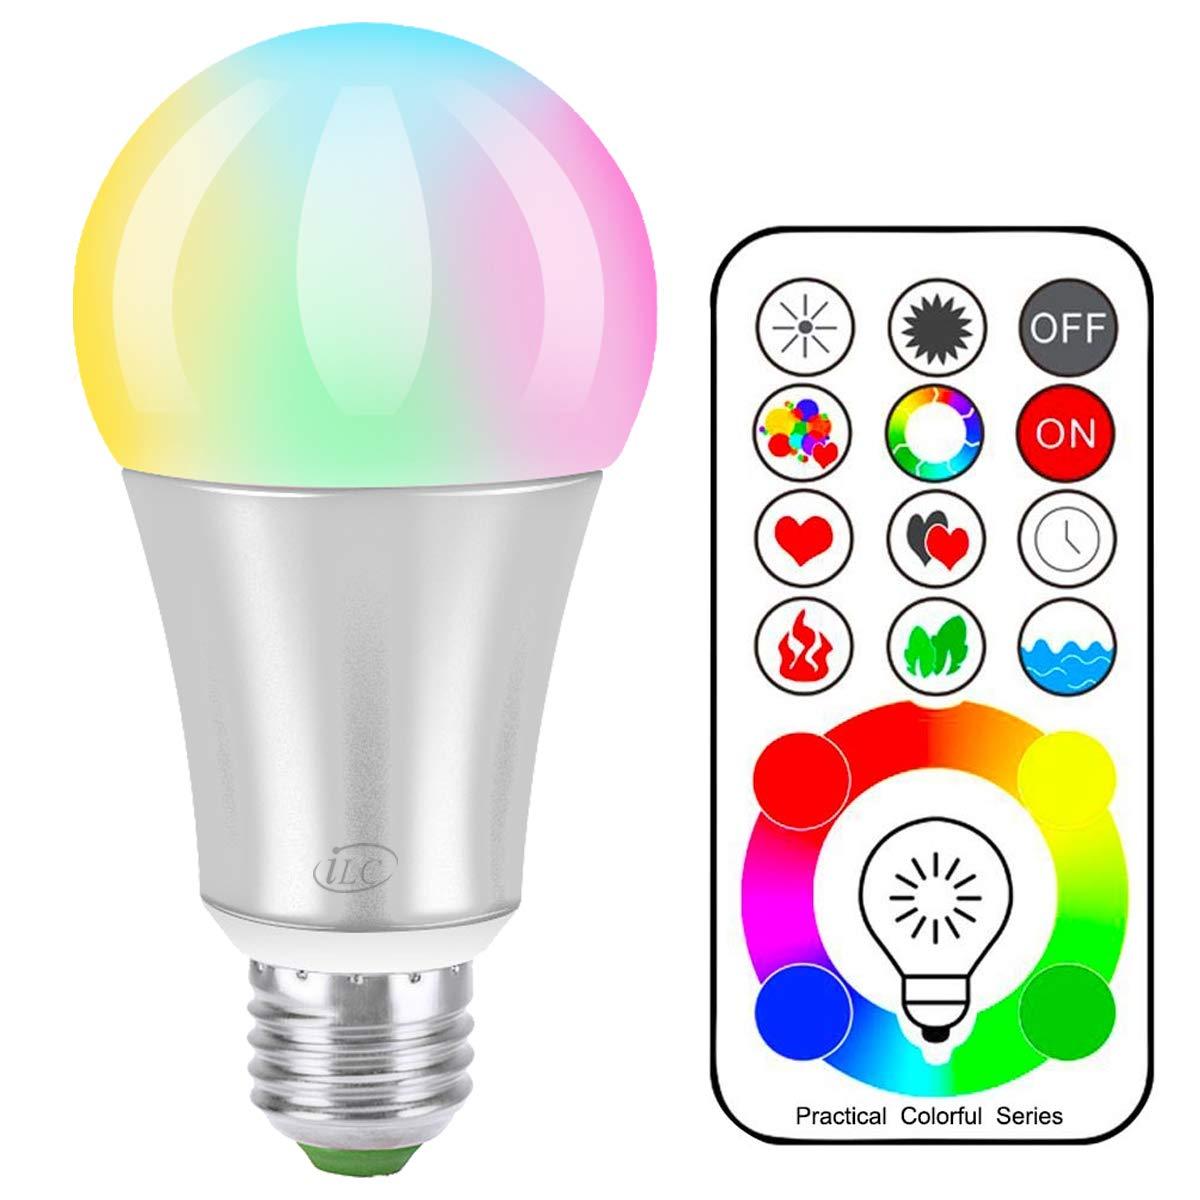 iLC Bombillas Colores RGBW LED Bombilla Cambio de Color Edison - RGB 120 de colores Regulable - 10 vatios E27- Control remoto Incluido para Casa Decoració n Bar Fiesta Ambiente Ambiance Iluminació n